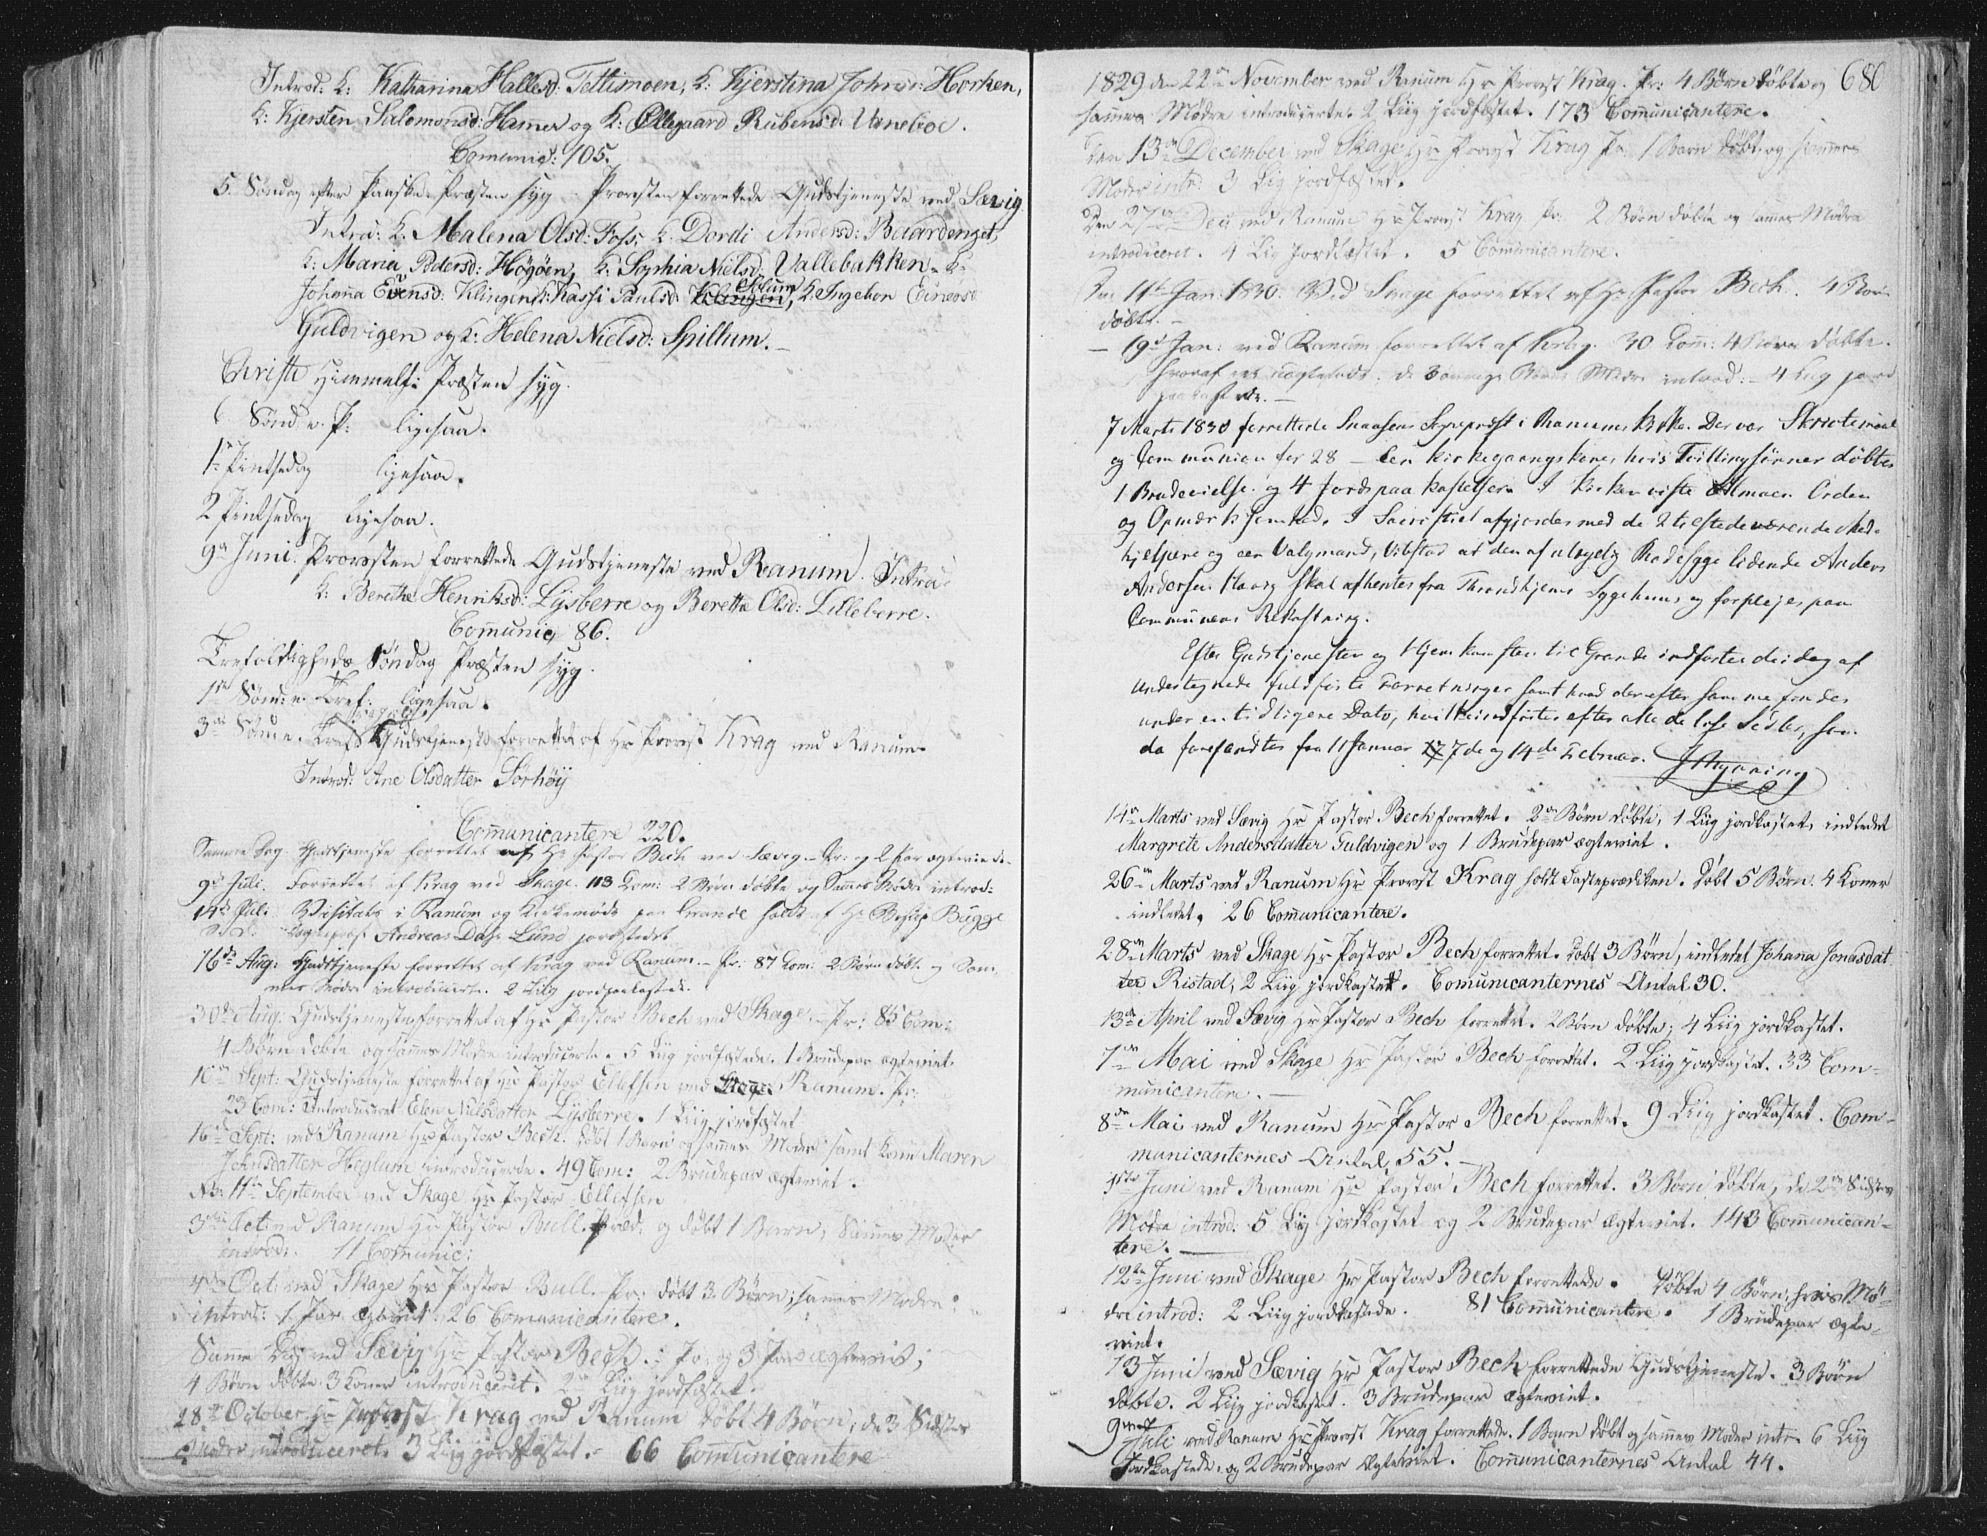 SAT, Ministerialprotokoller, klokkerbøker og fødselsregistre - Nord-Trøndelag, 764/L0552: Ministerialbok nr. 764A07b, 1824-1865, s. 680